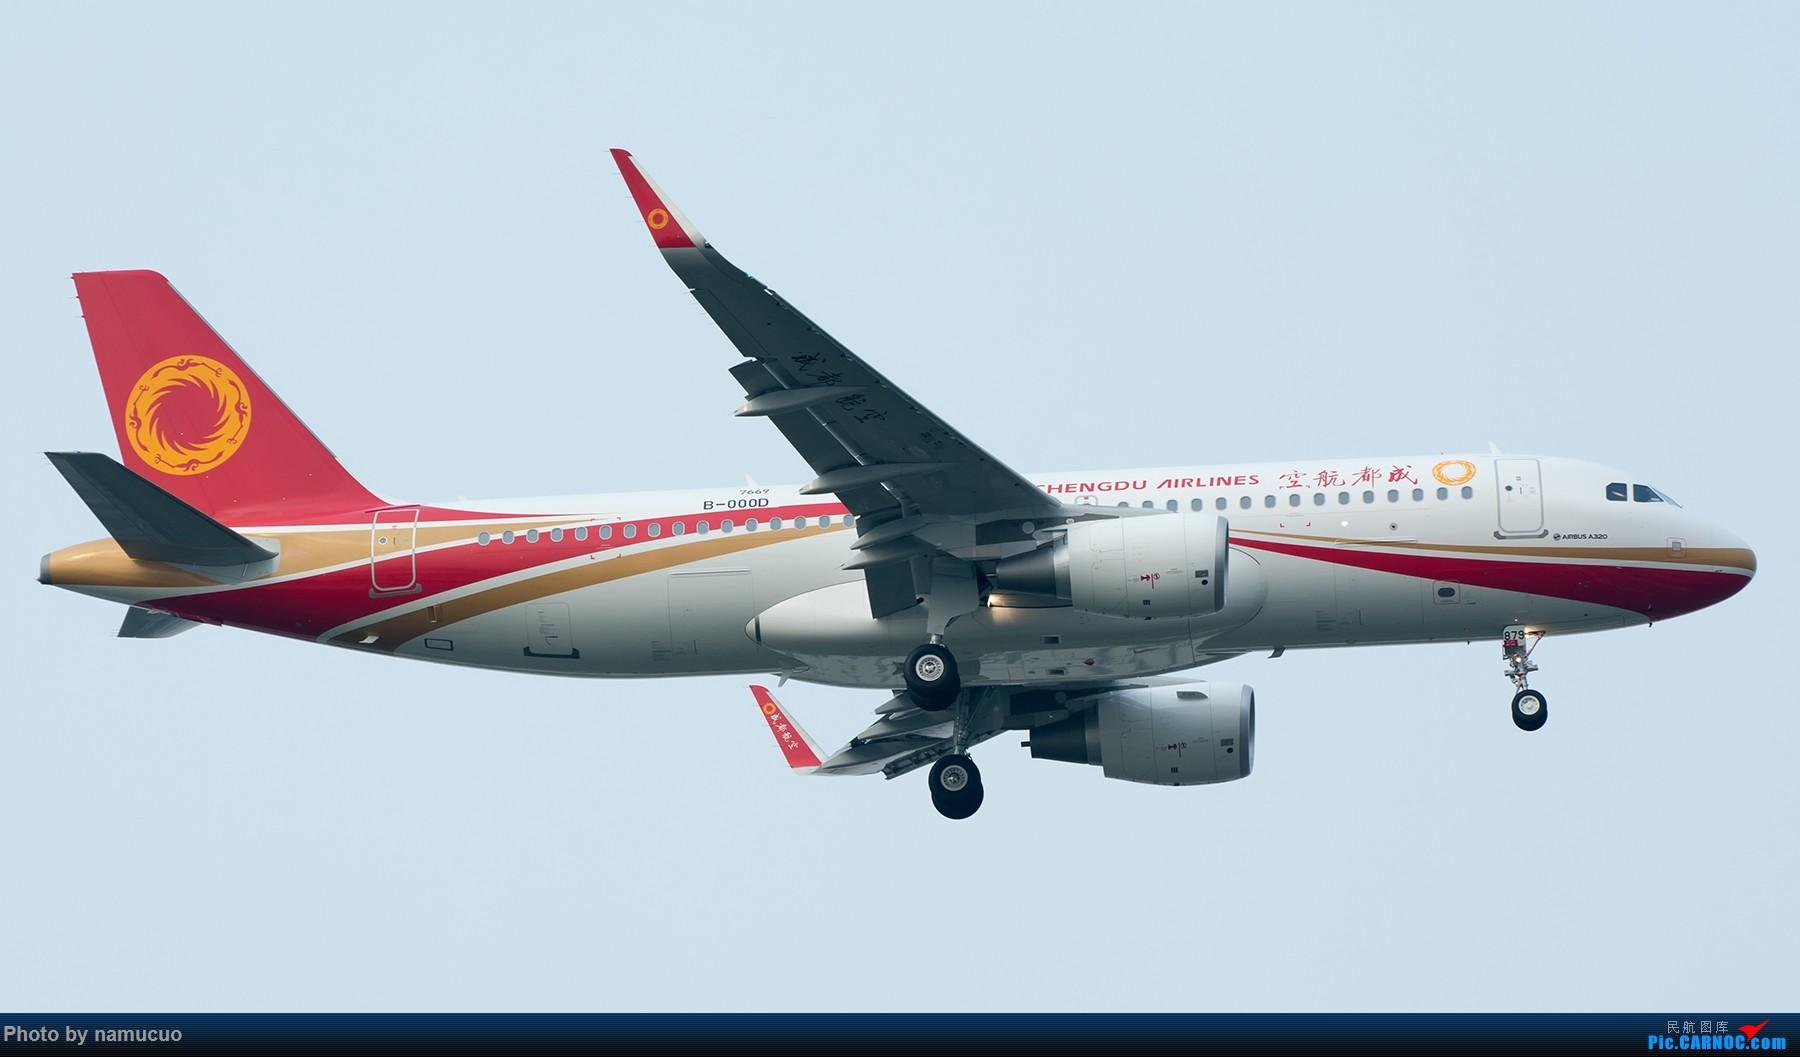 [原创]【TSN】B-000D试飞,快降落时又突然加速拉起 AIRBUS A320-200 B-8879